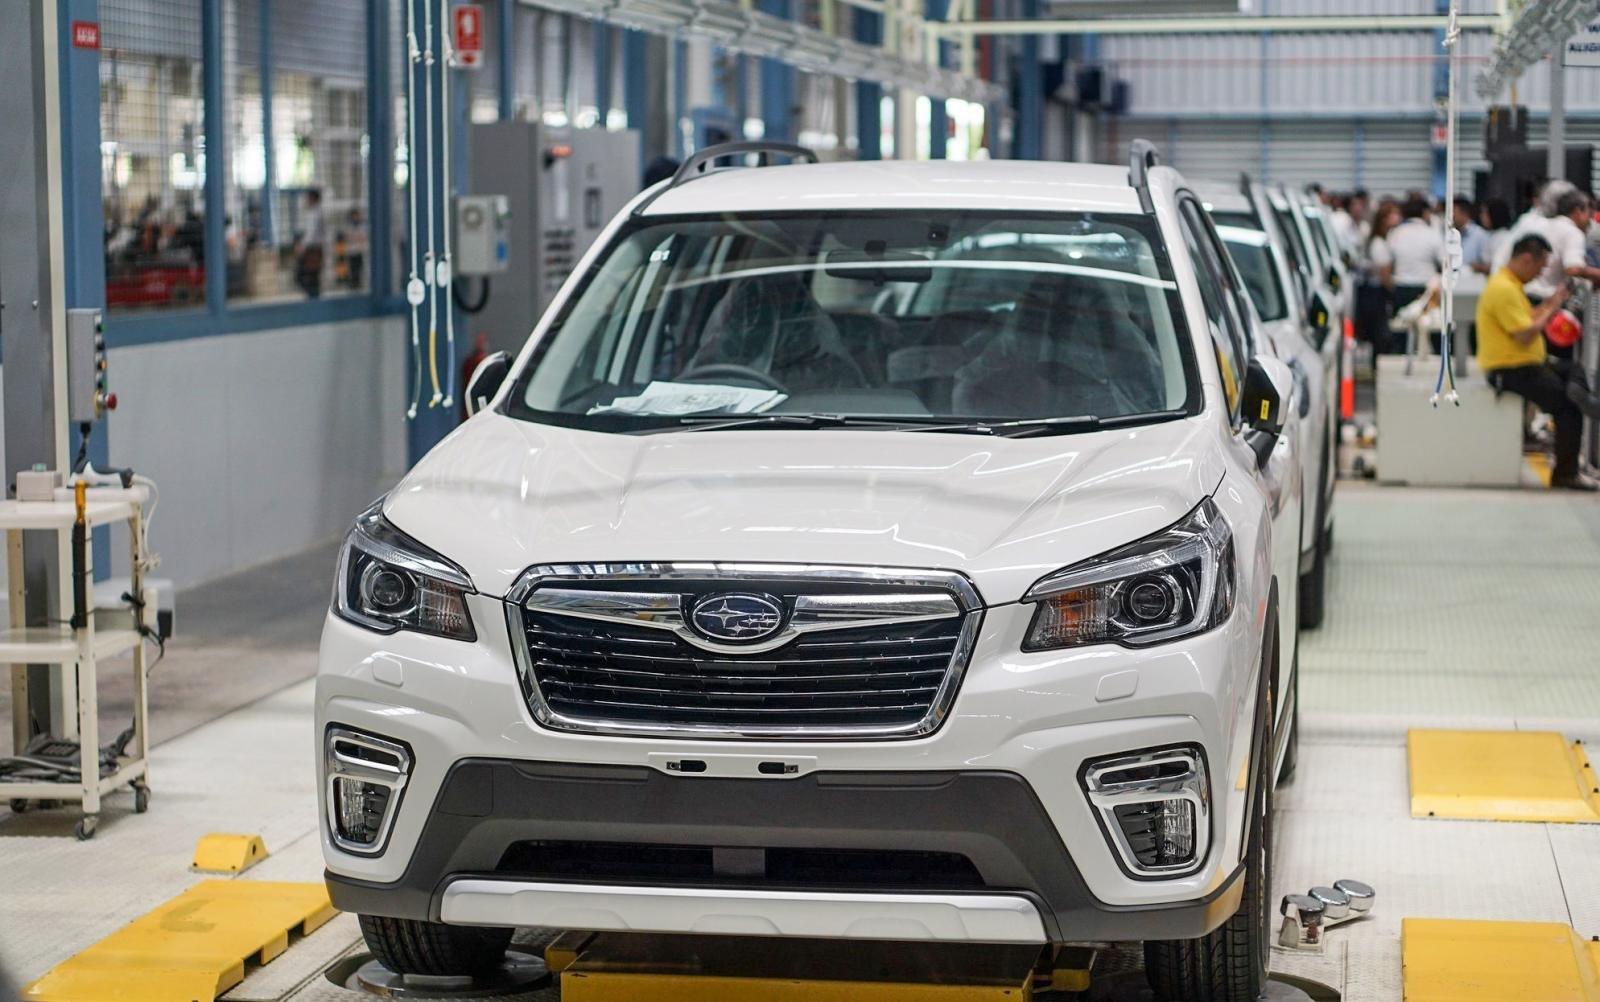 Điểm mặt các mẫu ô tô nhập khẩu đã và sắp ra mắt Việt Nam - Ảnh 2.